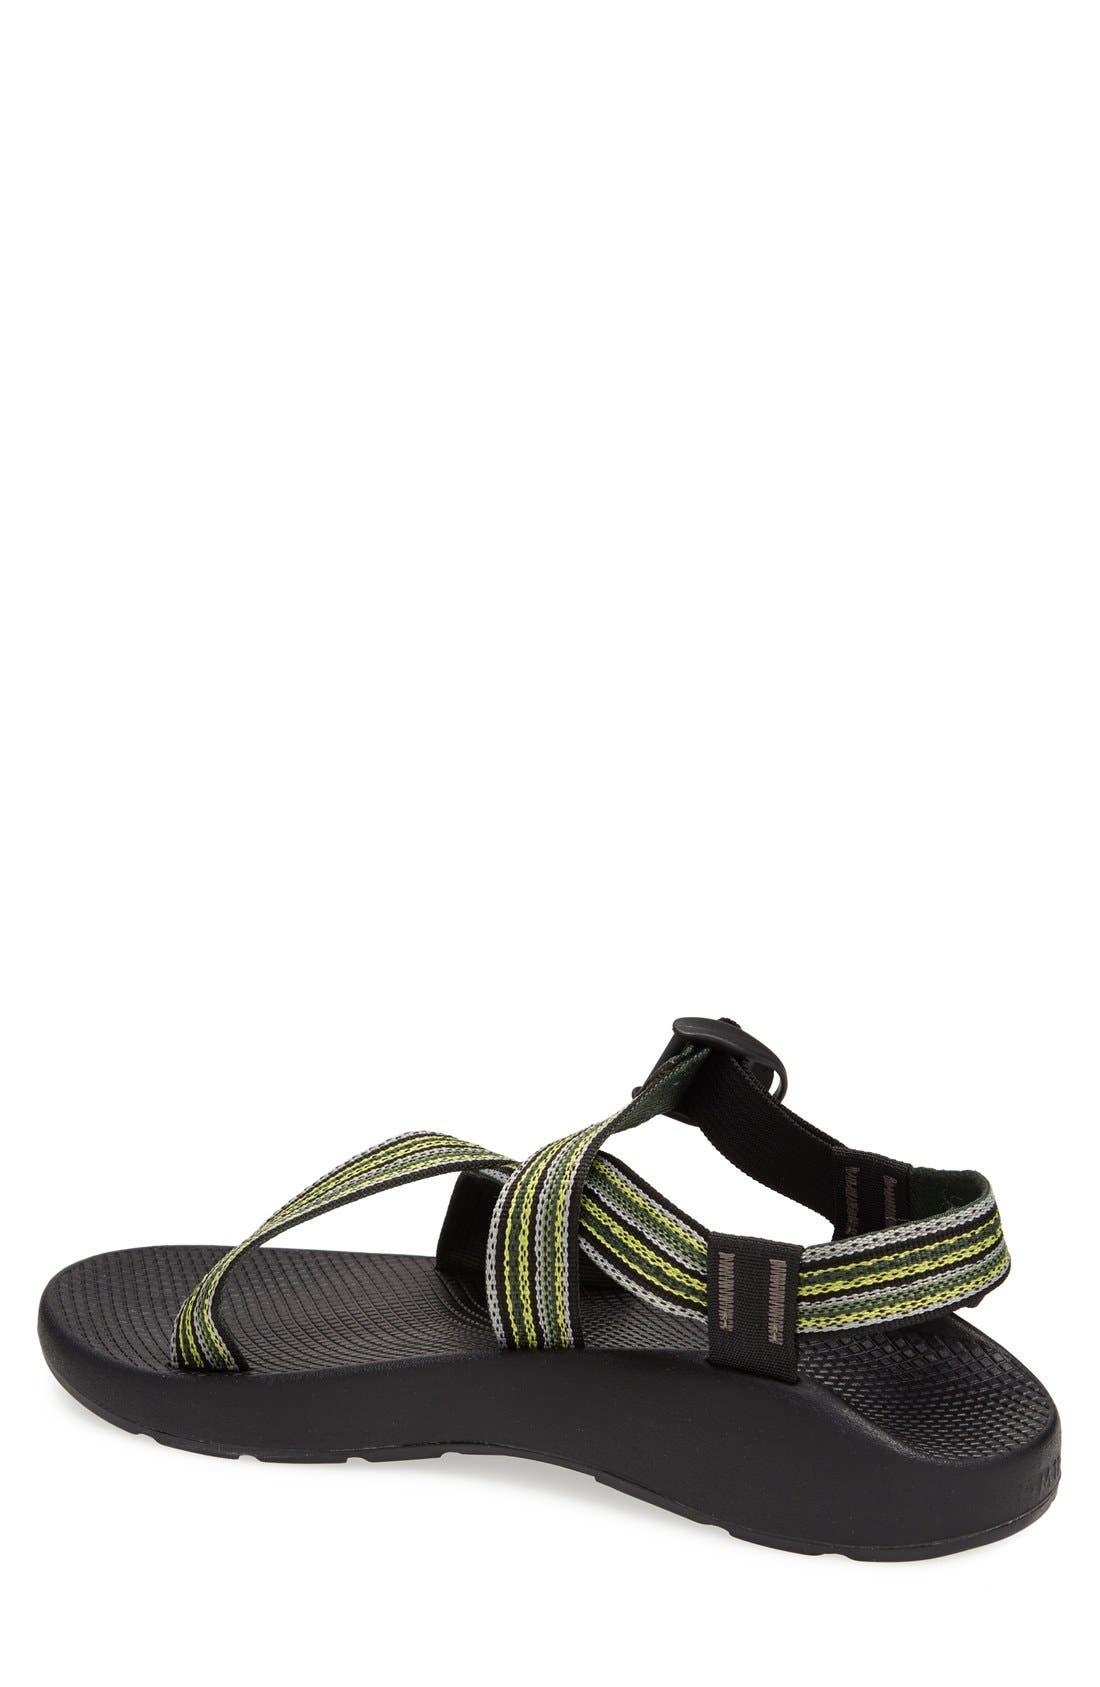 Alternate Image 2  - Chaco 'Z/1 Yampa' Sandal (Men)